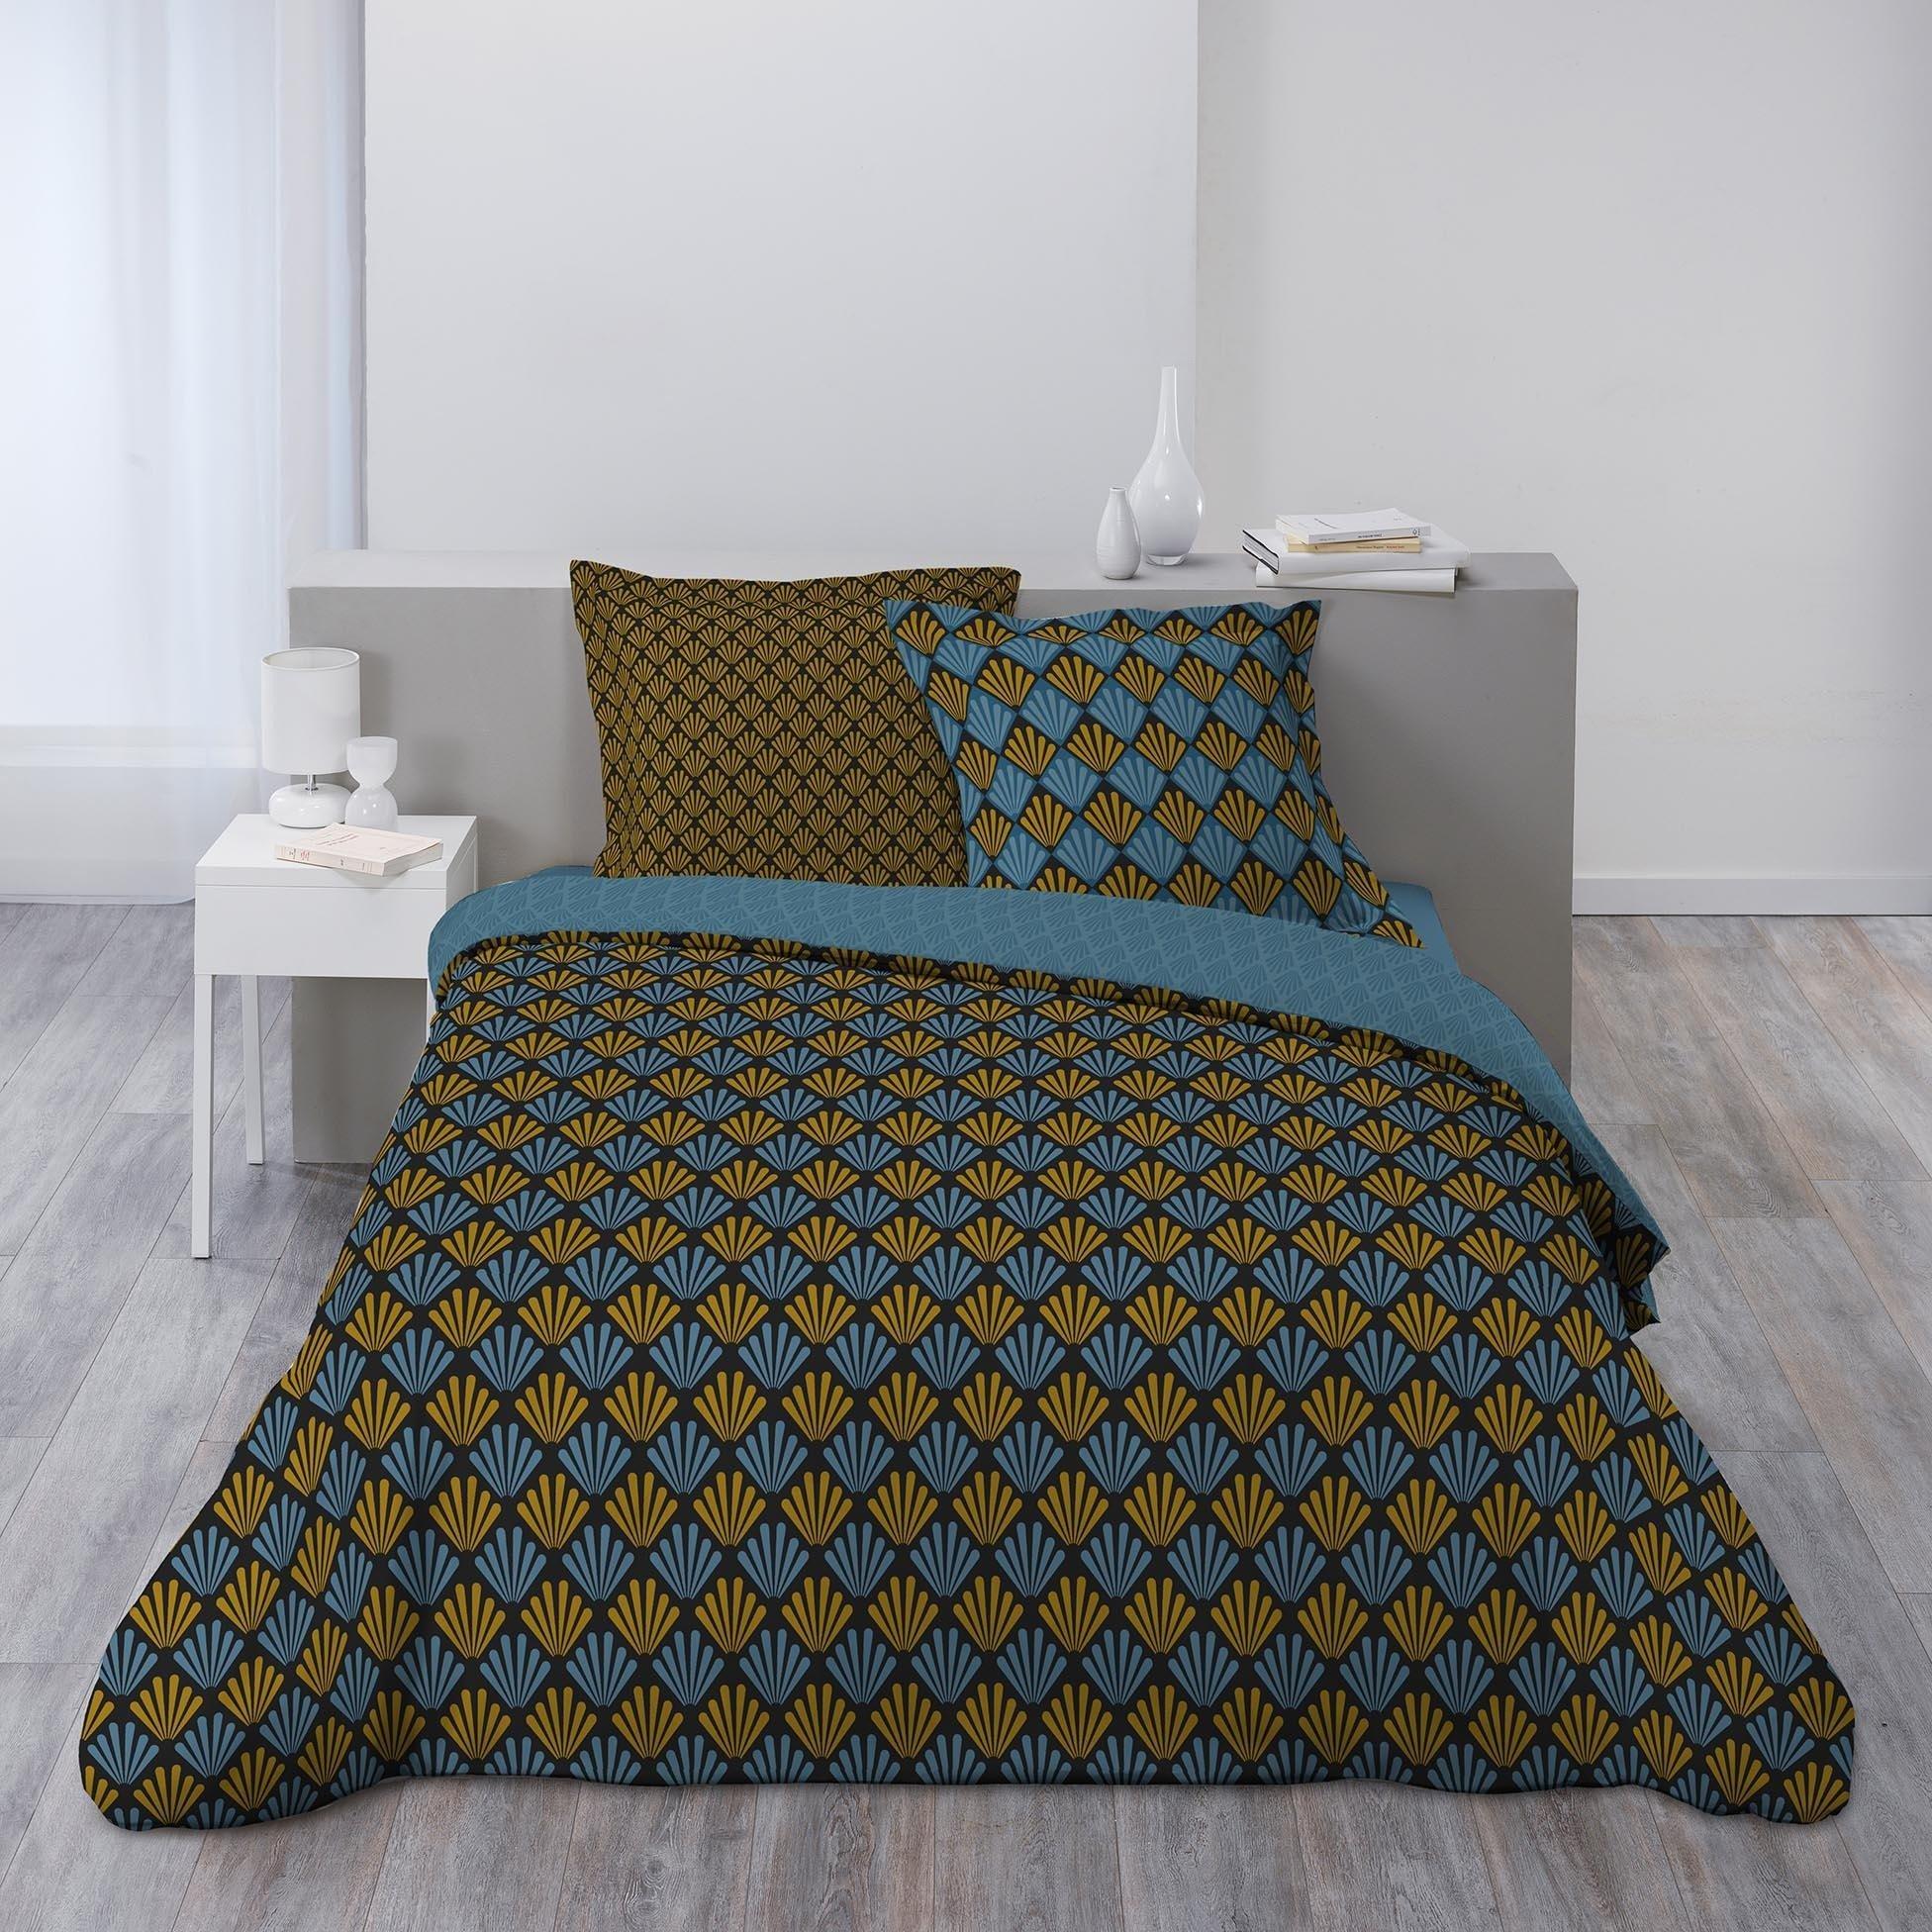 Full Size of Bettwäsche Teenager Baumwolle Bettwsche Luxy Sprüche Betten Für Wohnzimmer Bettwäsche Teenager